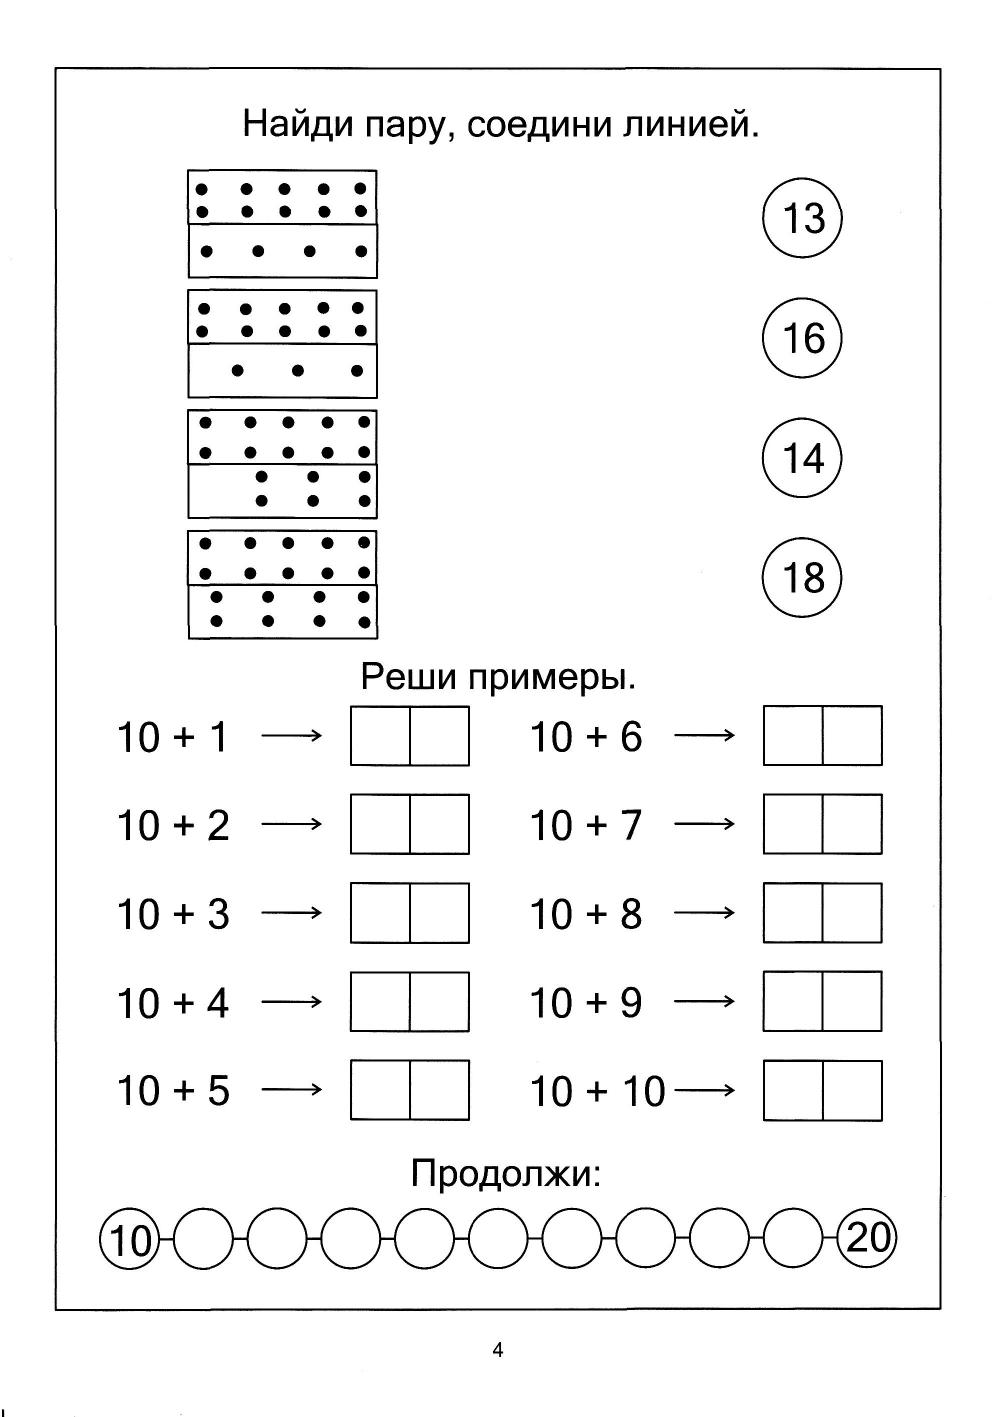 Задание по математике распечатать